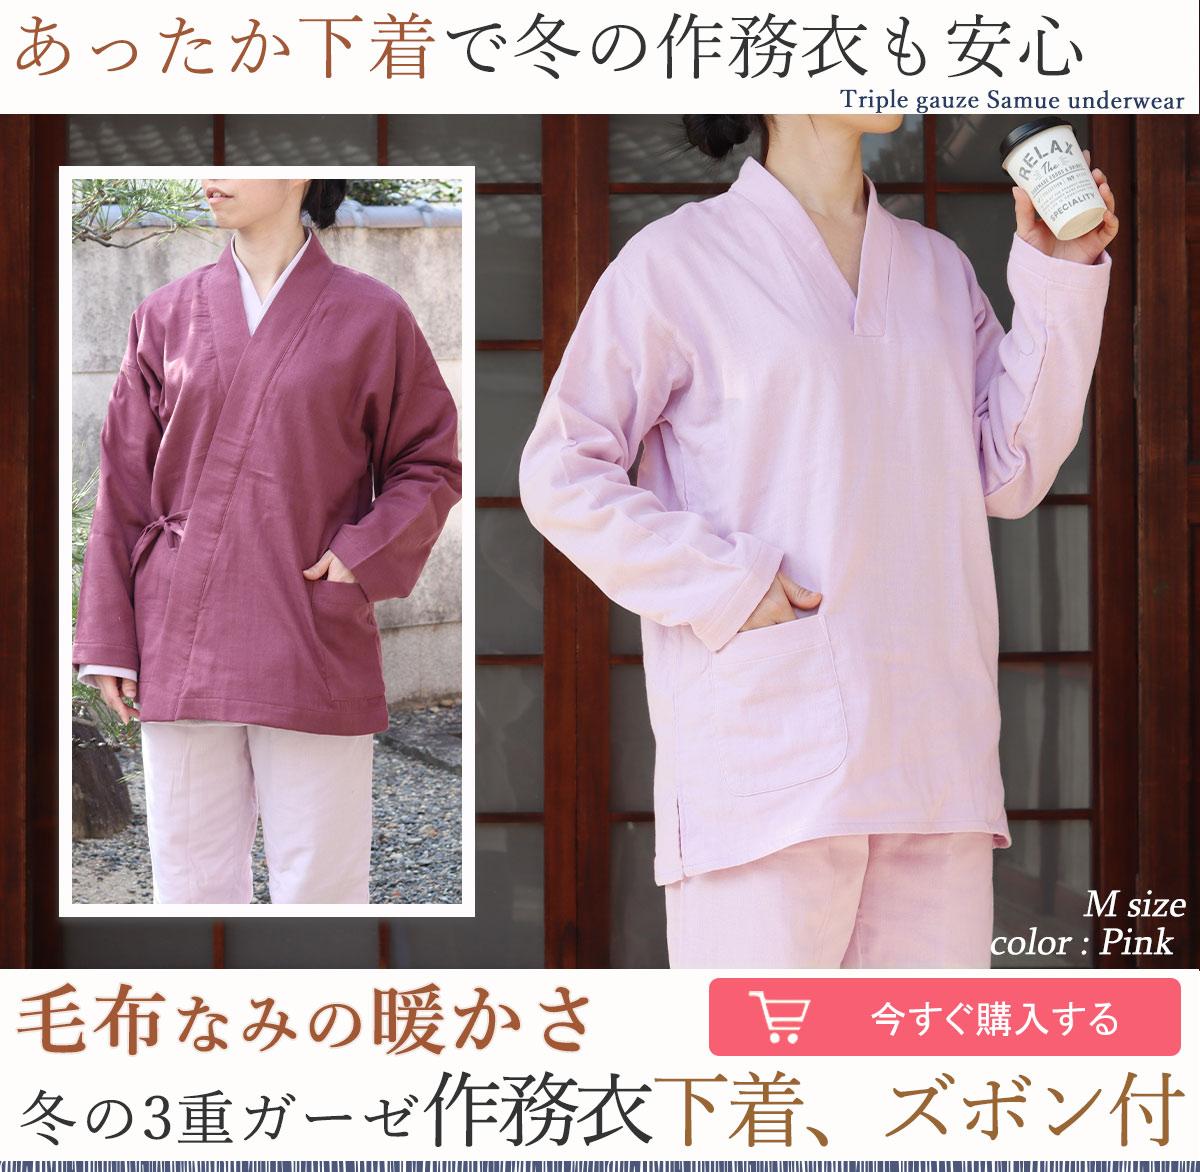 ふっくら感、保温性が1.5倍!三重ガーゼ×エアータンブラー加工 毛布なみの暖かさ 冬のガーゼ作務衣肌着ズボンセット